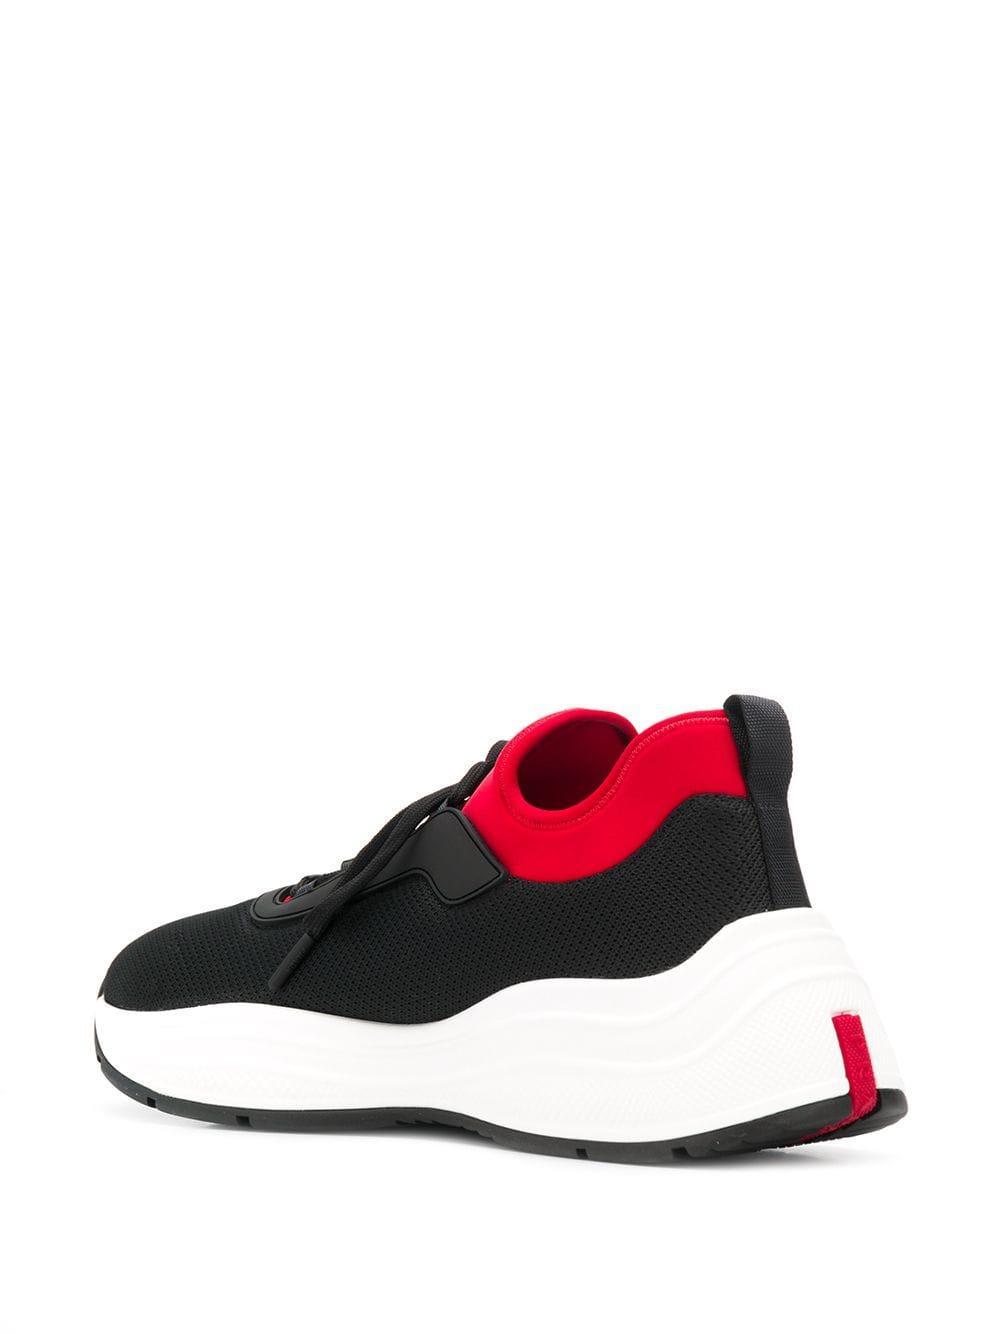 Zapatillas bajas Prada de Caucho de color Negro para hombre